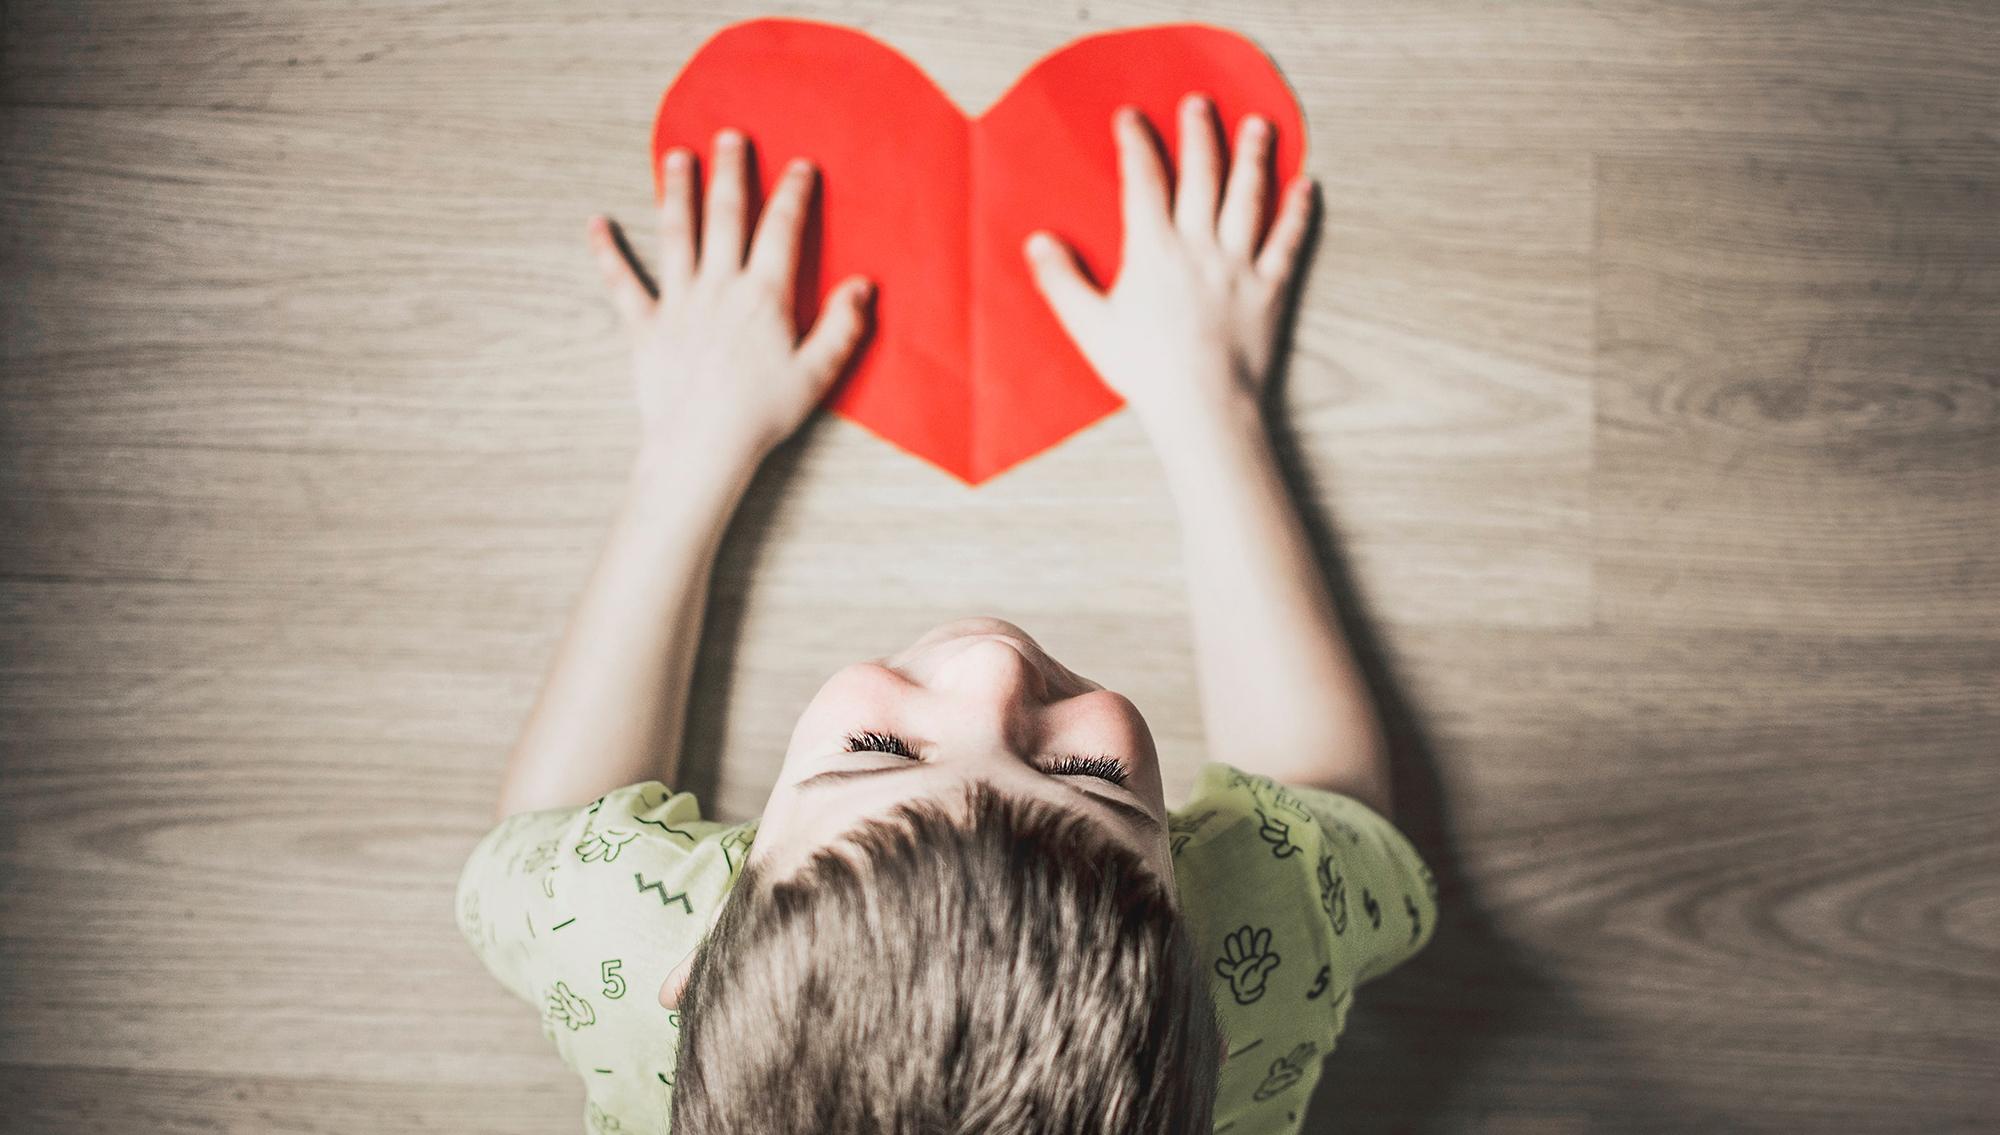 enfant-accompagner-coeur-amour-afeps-association©anna-kolosyuk